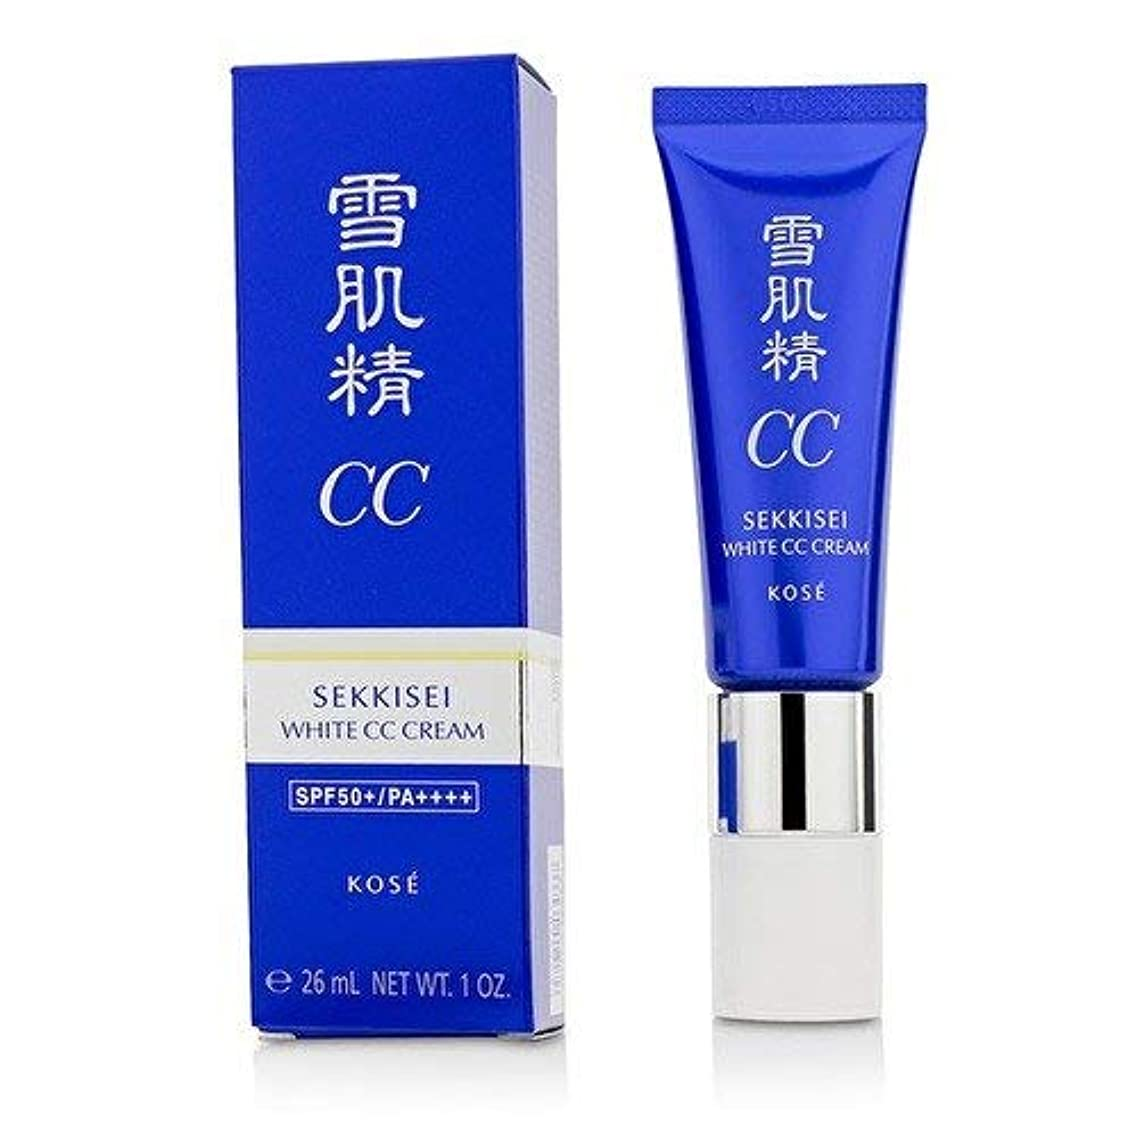 シフト直接酸化物コーセー 雪肌精 ホワイト CCクリーム【#01】 #LIGHT OCHRE SPF50+/PA++++ 30g